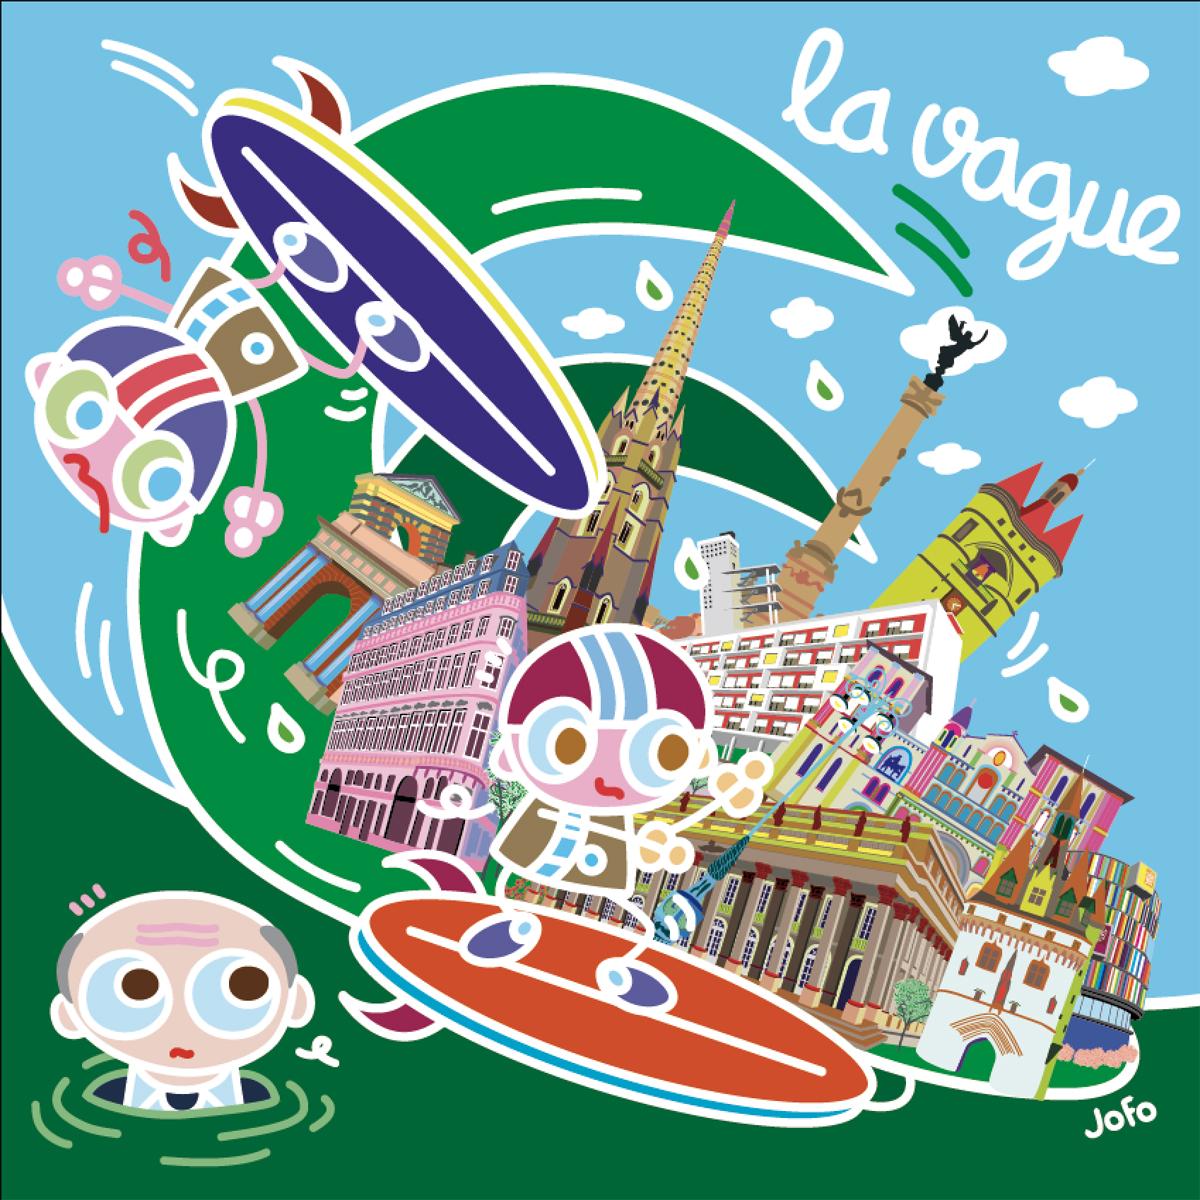 LA VAGUE VERTE À BORDEAUX. Digigraphie/papier art. 070m x 070m. signé et numéroté de 01 à 20